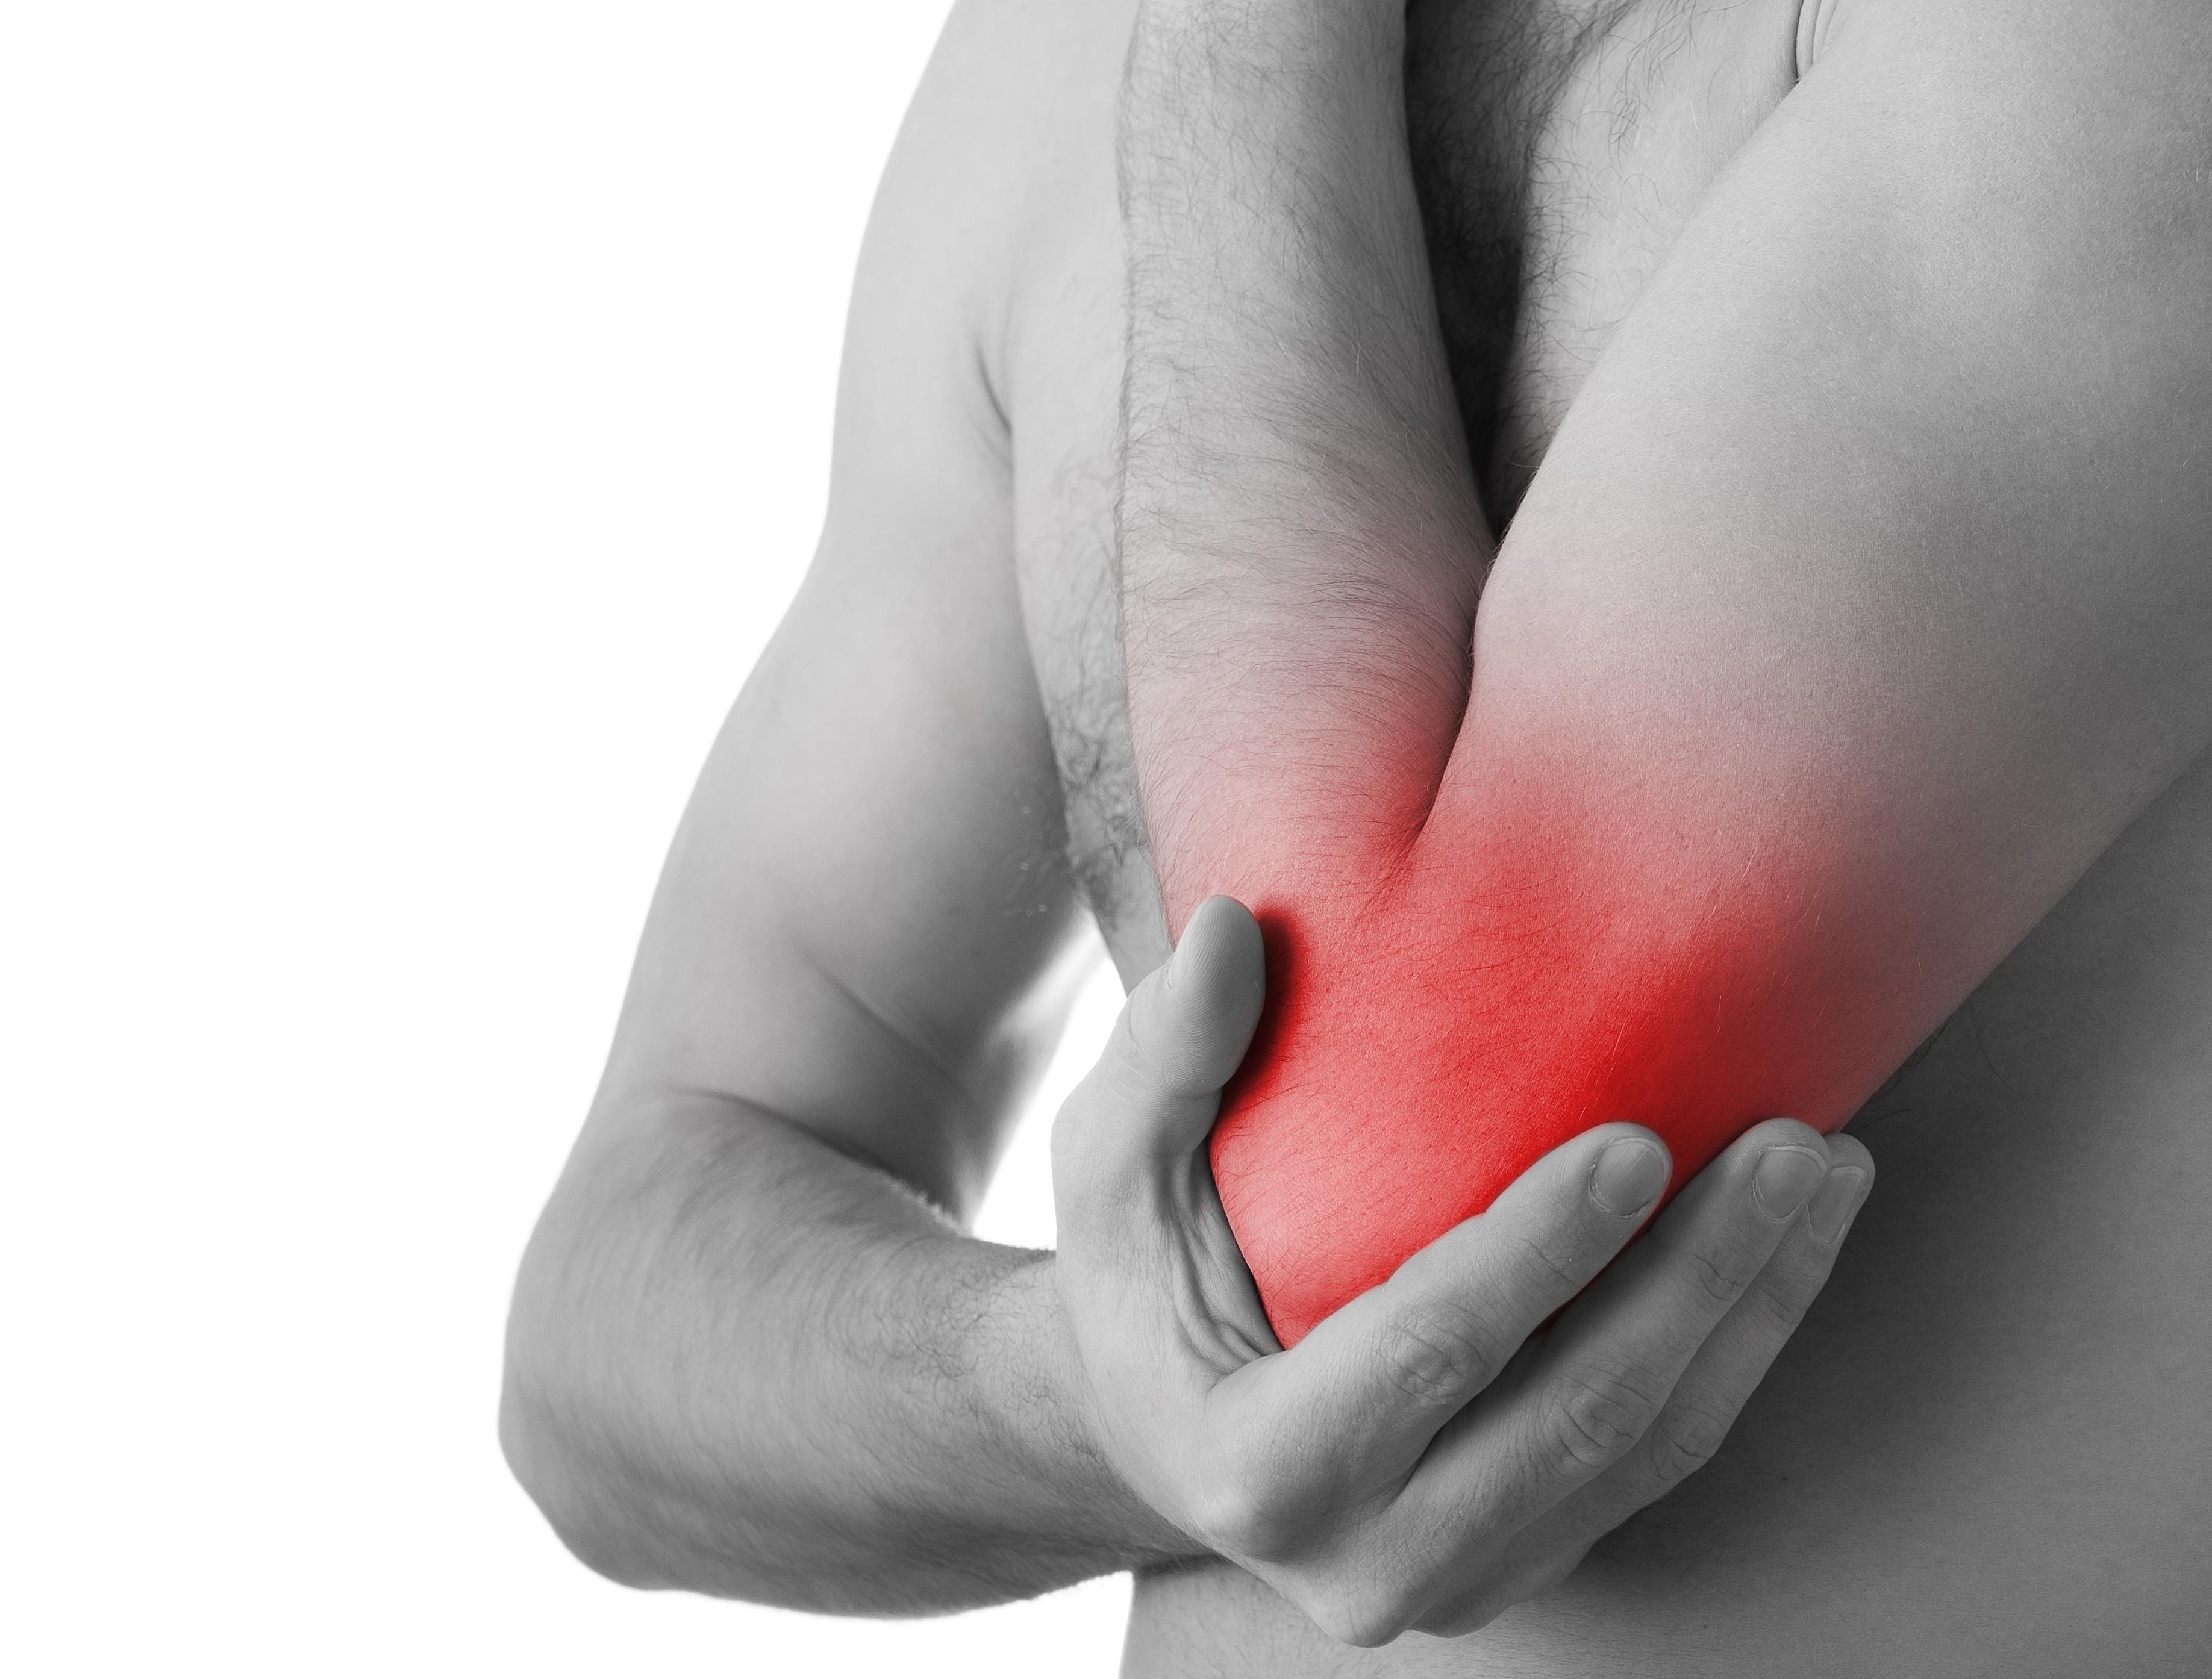 csípőízületi kezelés 1. stádiumú kezelés